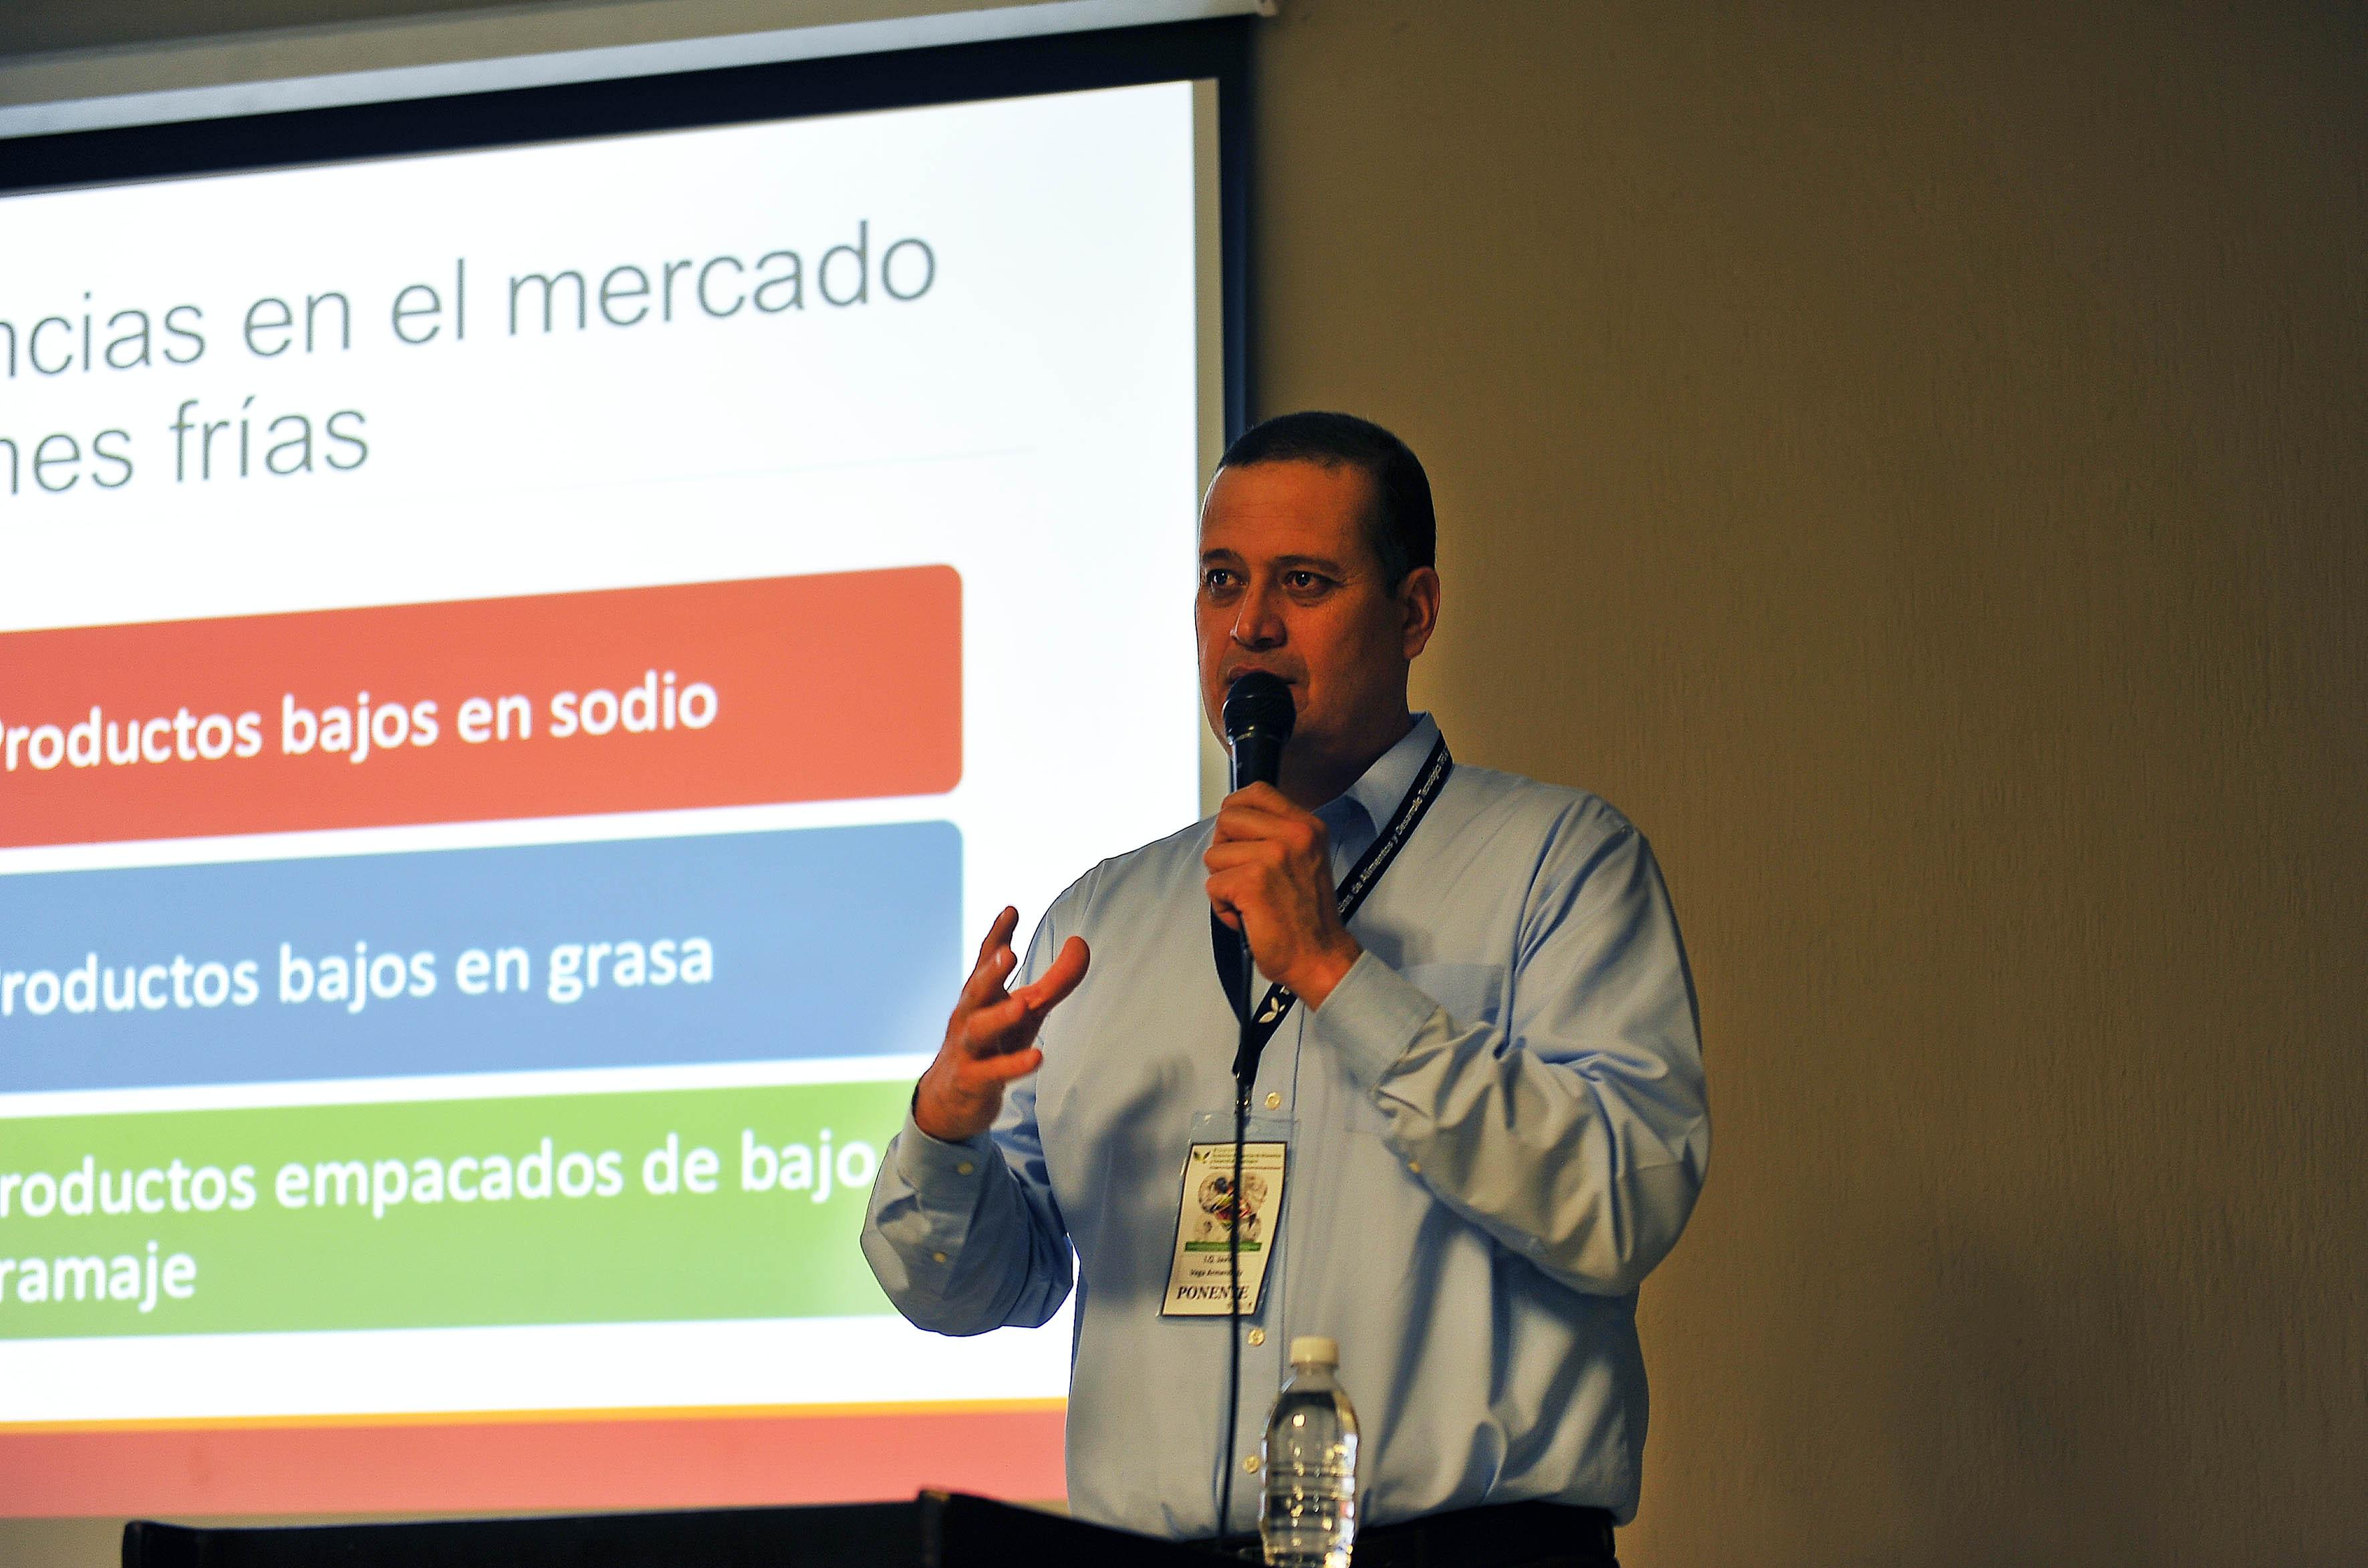 El representante de Sigma Alimentos, Javier Vega